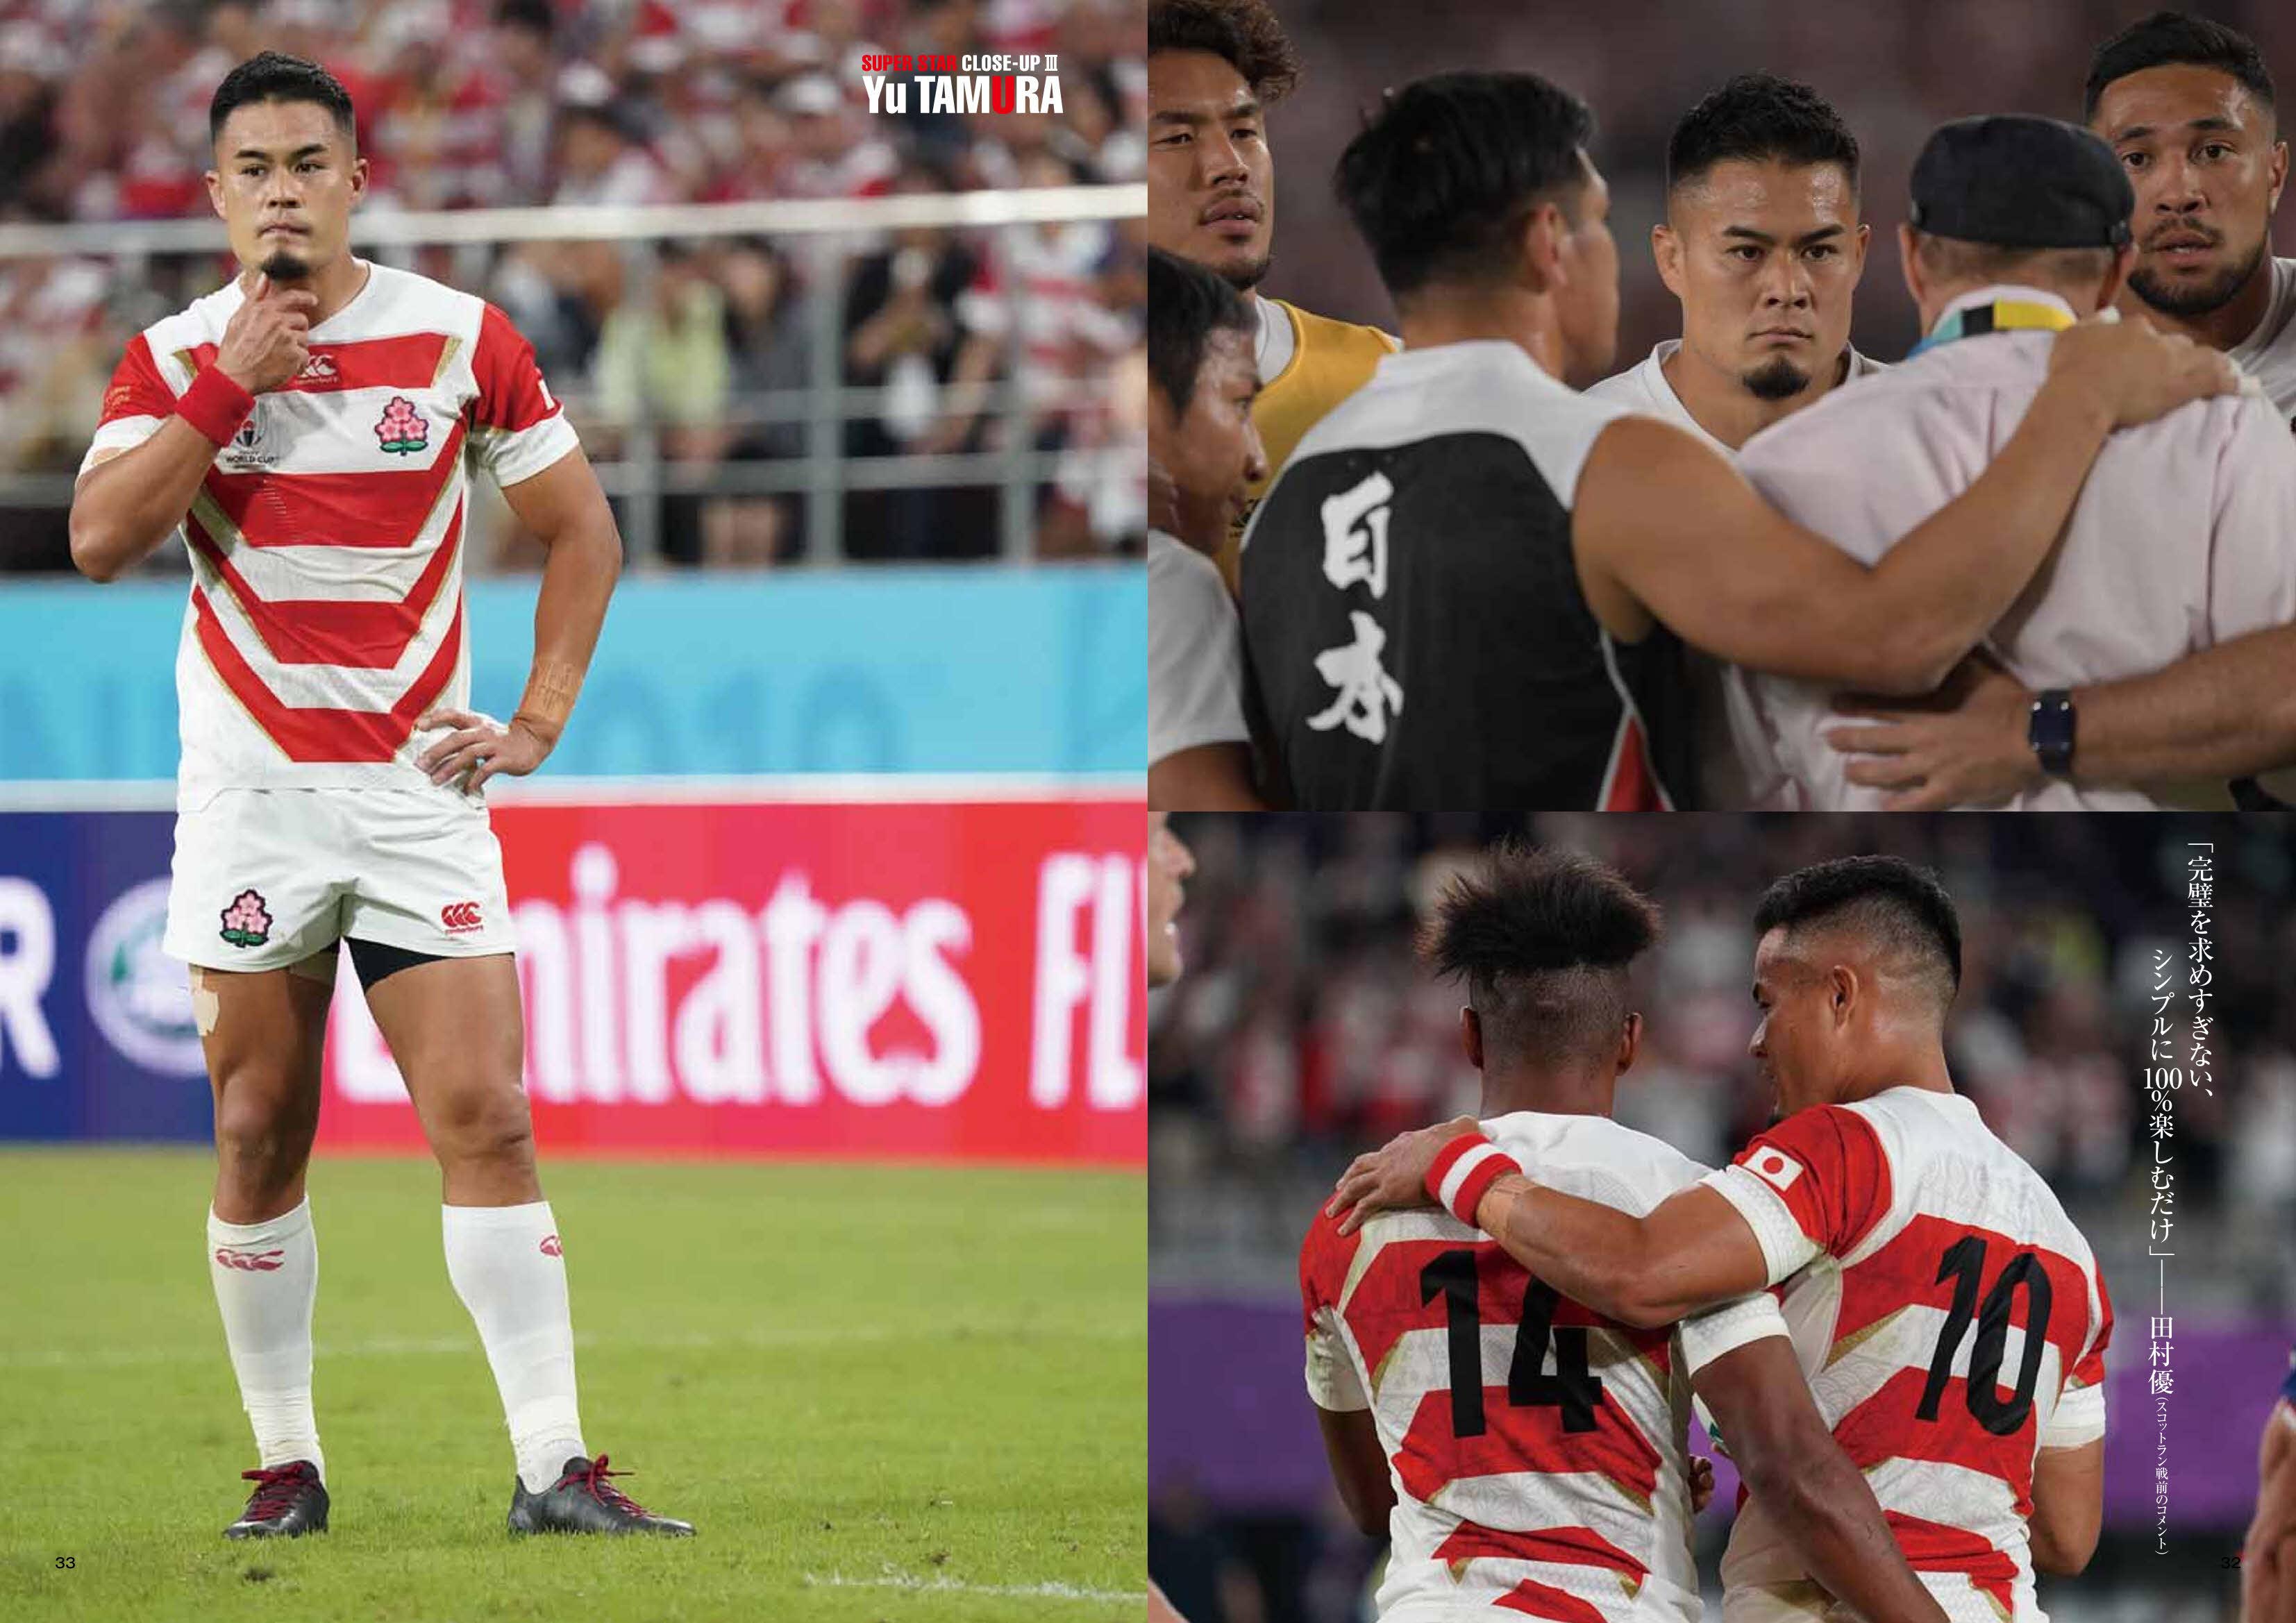 2019年ラグビーW杯の興奮と感動が蘇る!日本代表の激闘を追ったメモリアルフォトブックが発売